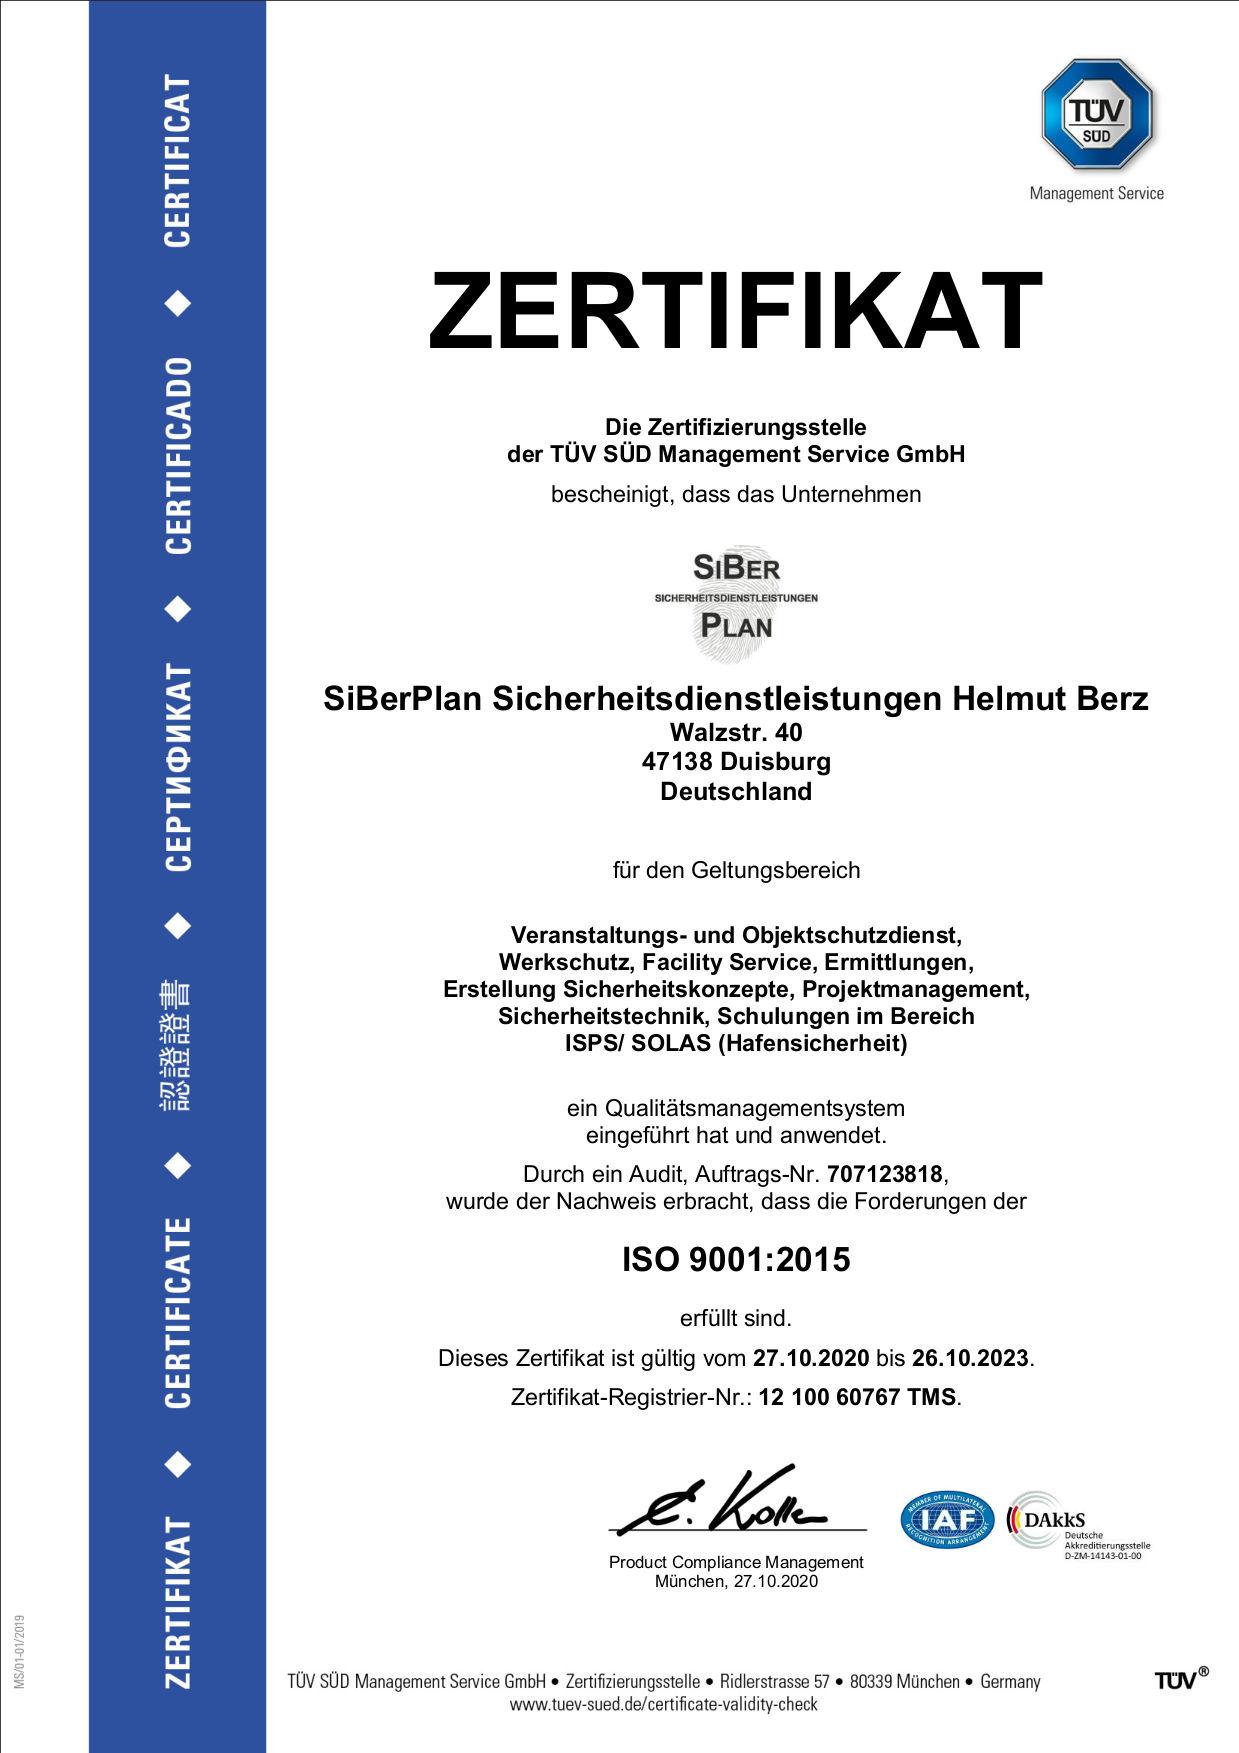 ISO 9001 Zertifikat von SiBerPlan Sicherheitsdiesntleistungen Helmut Berz